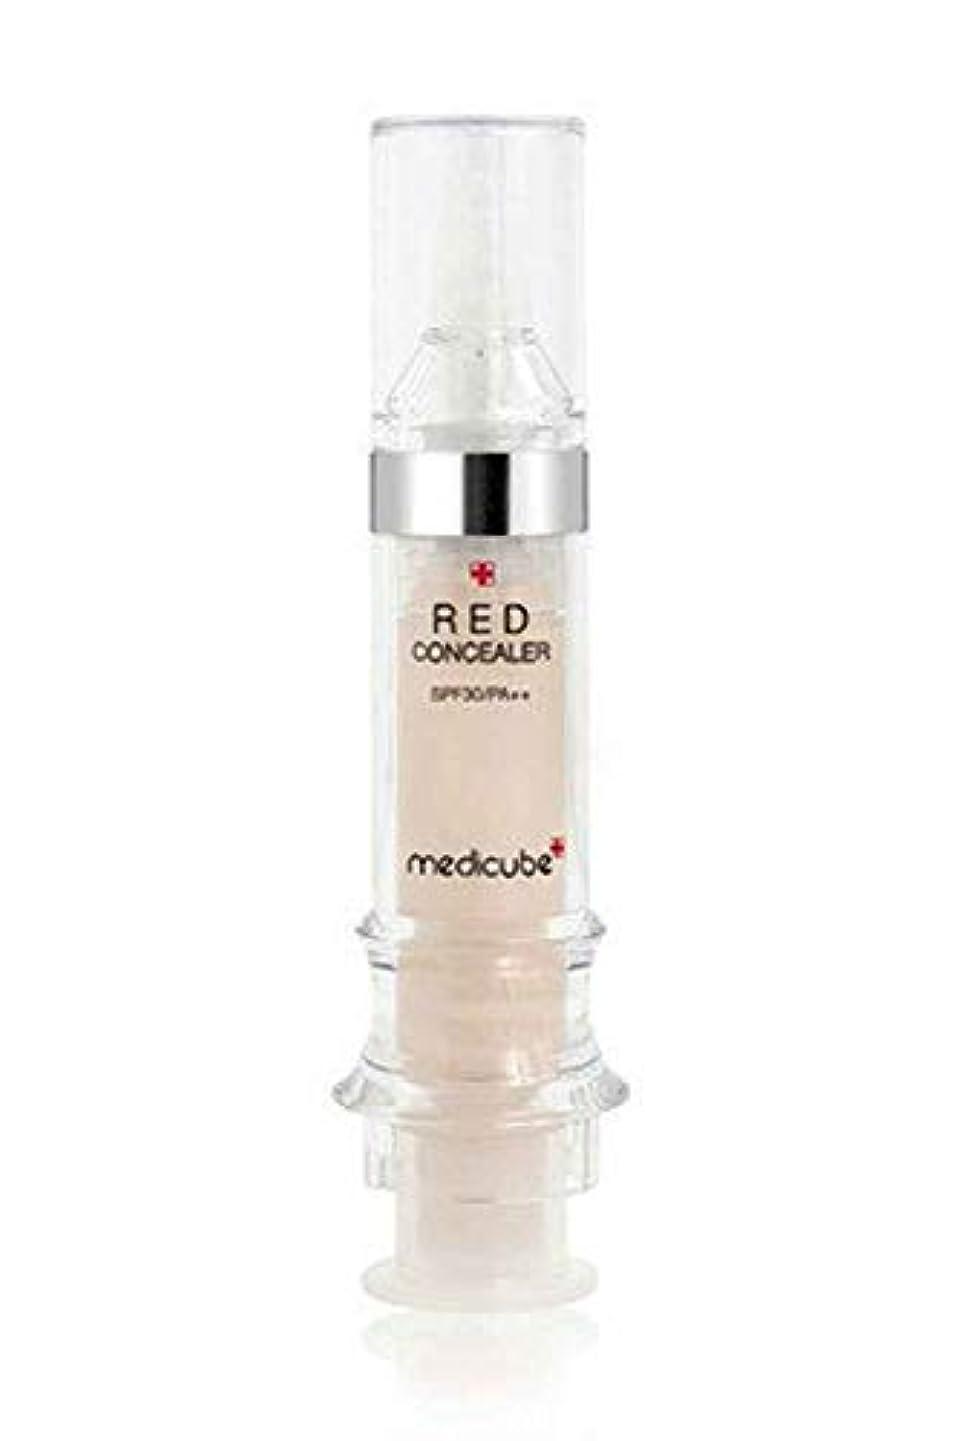 違反知り合いになる悪性[Medicube]Red Red Concealer #23 5.5ml メディキューブ レッドコンシーラー#23 5.5ml [並行輸入品]